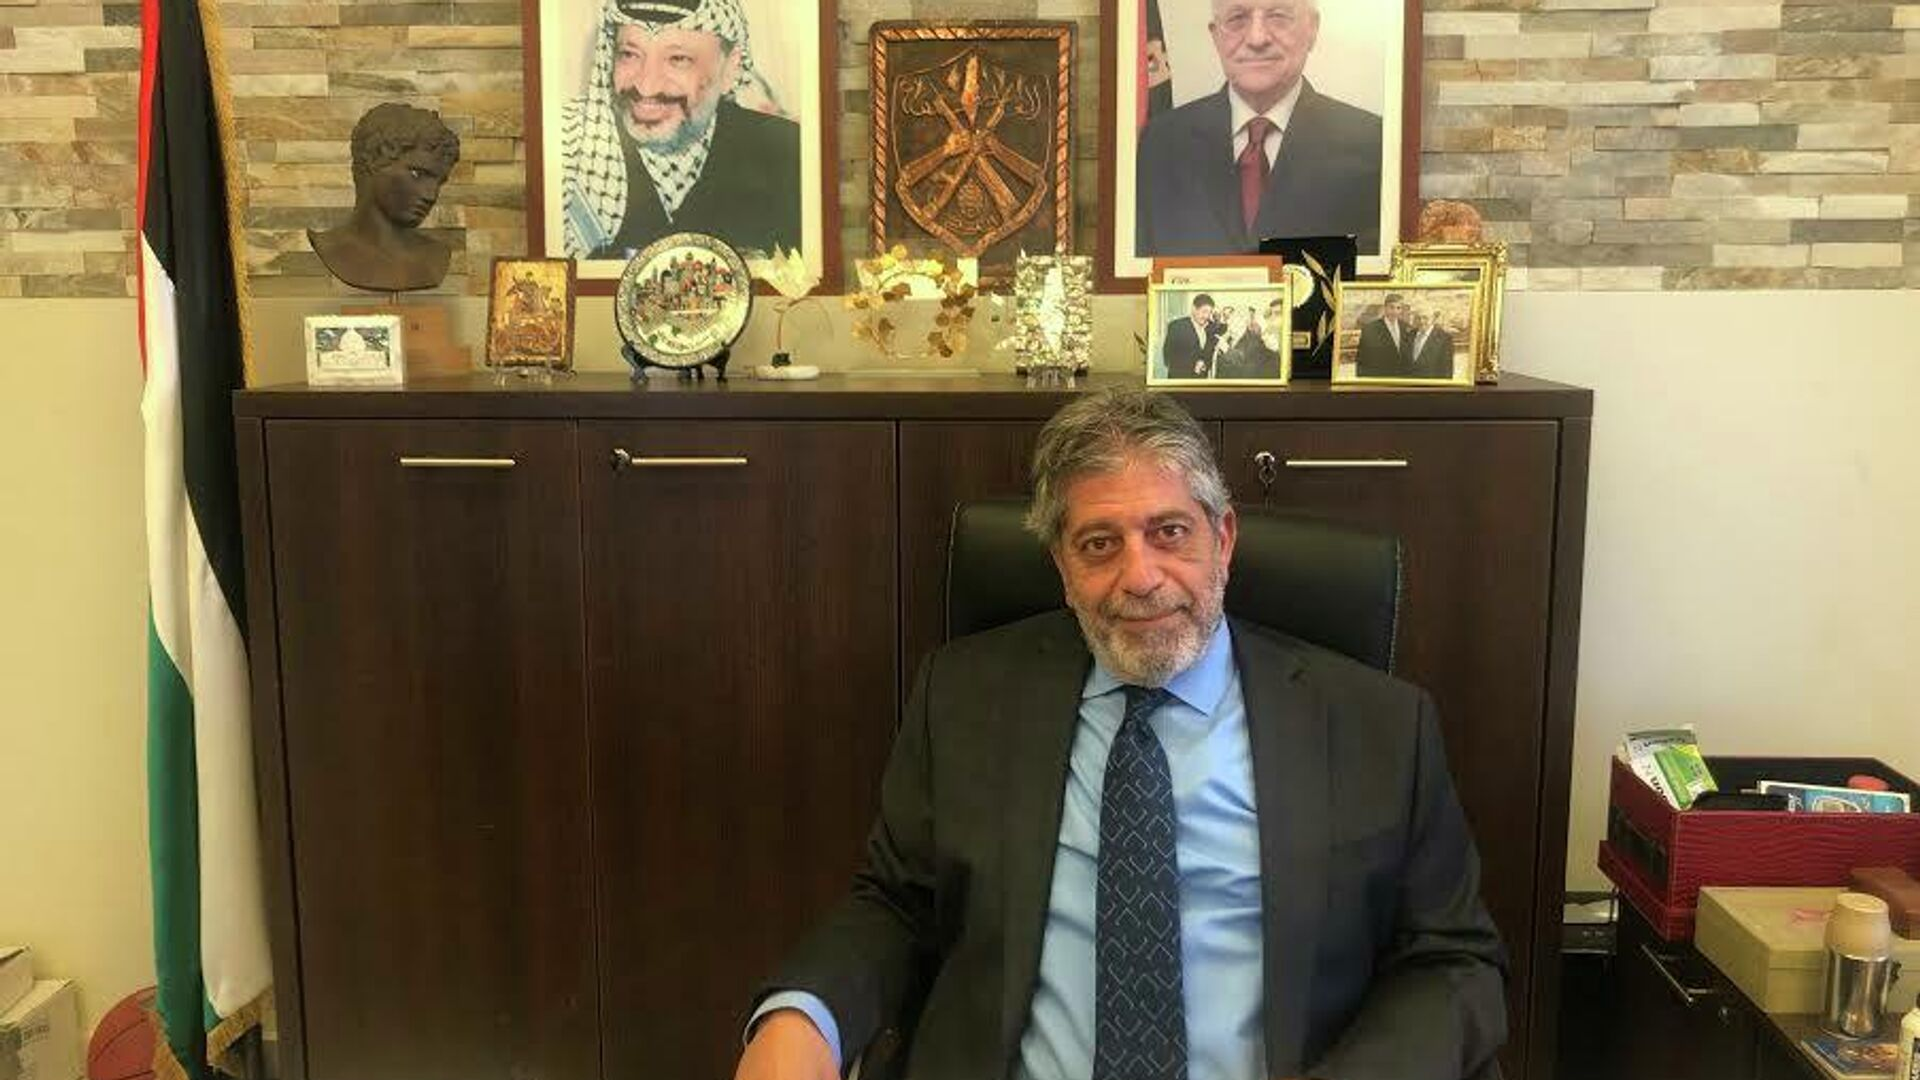 Ο Πρέσβης της Παλαιστίνης στην Ελλάδα, Μαρουάν Τουμπάσι - Sputnik Ελλάδα, 1920, 19.05.2021